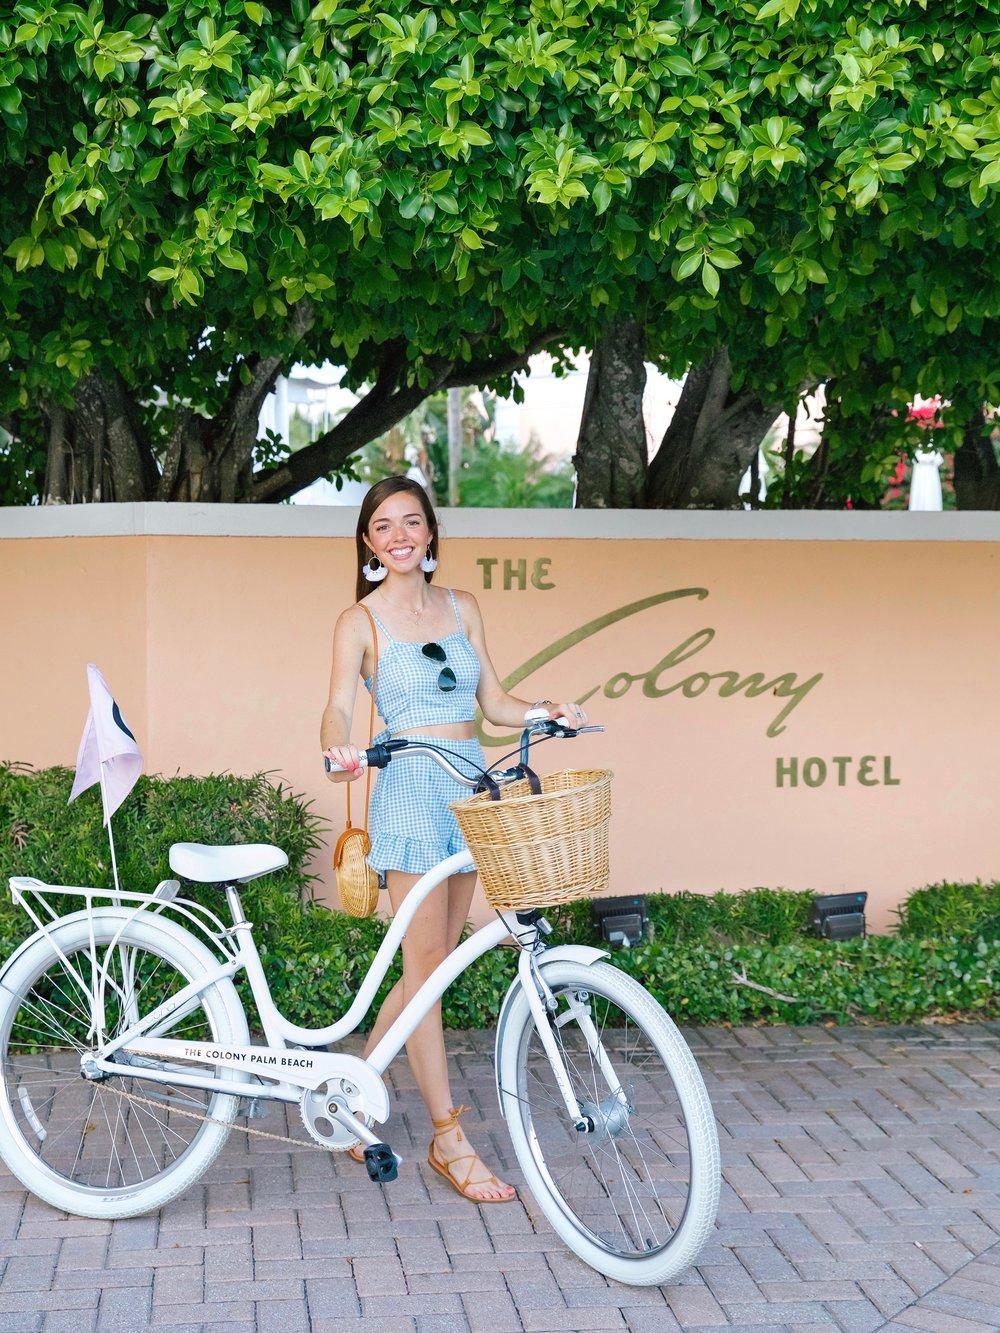 xLCB STYLE FASHION BLOGGER COLONY HOTEL PALM BEACH-3.jpg